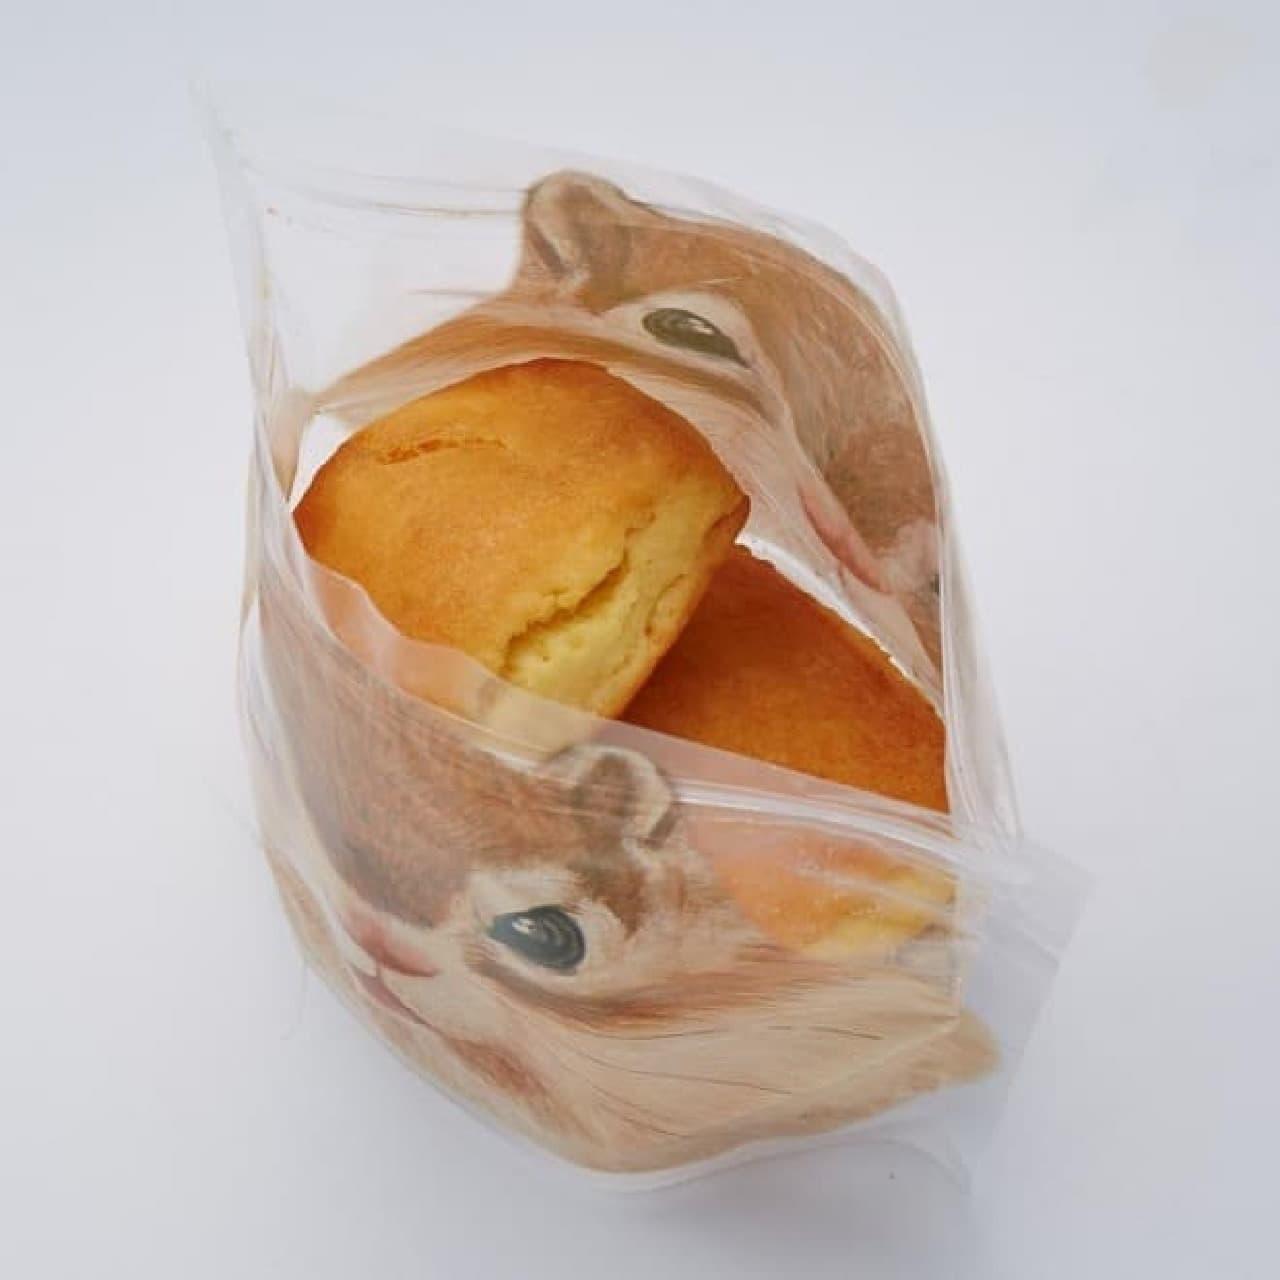 シマリスのまち付きほおぶくろ袋